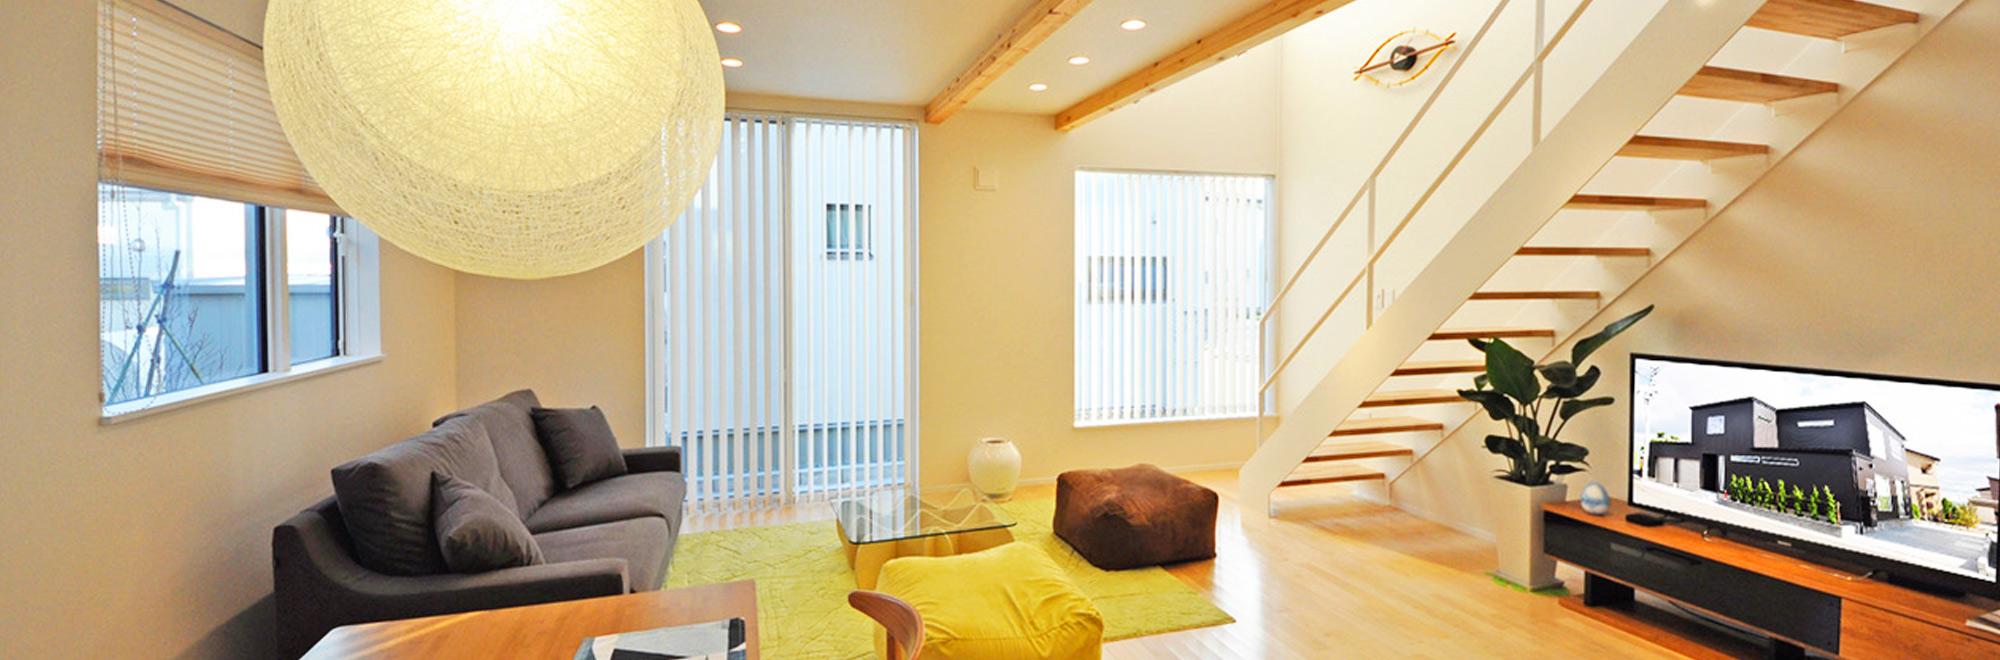 秋田 新築 一戸建て 北久ホーム